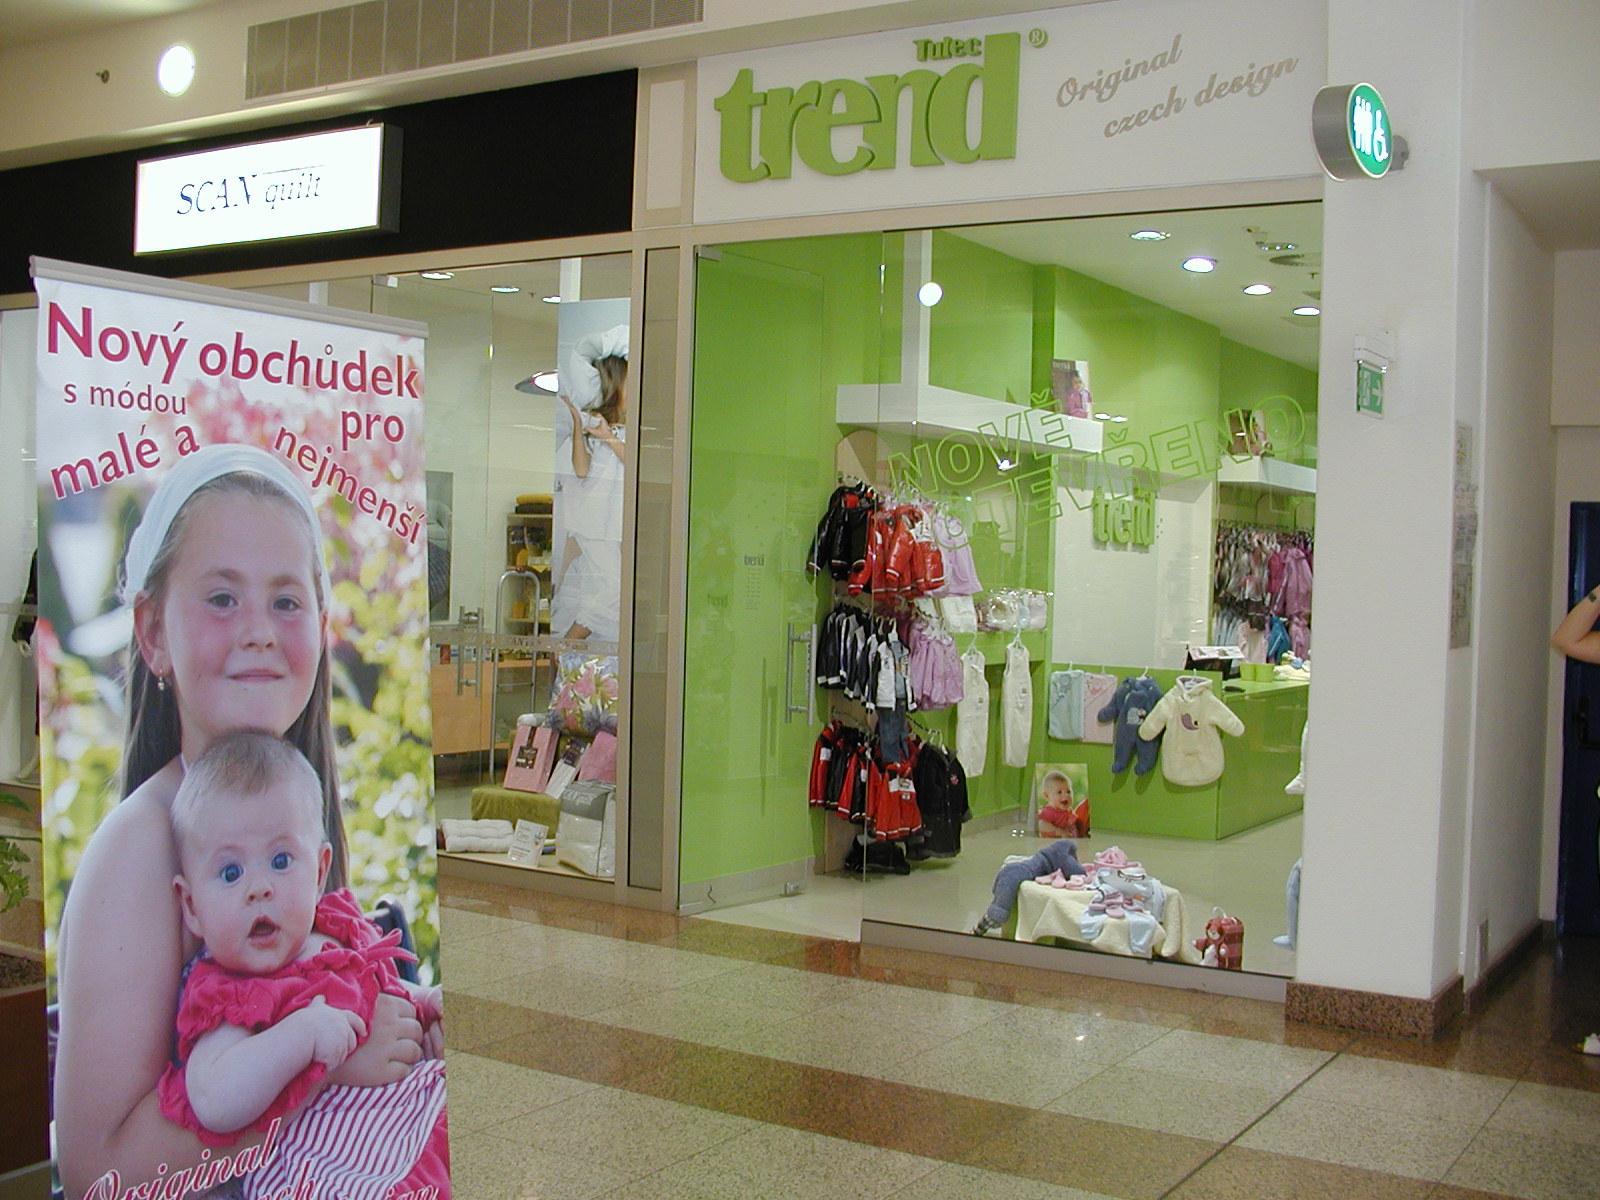 franchisa s českým oblečením pro děti